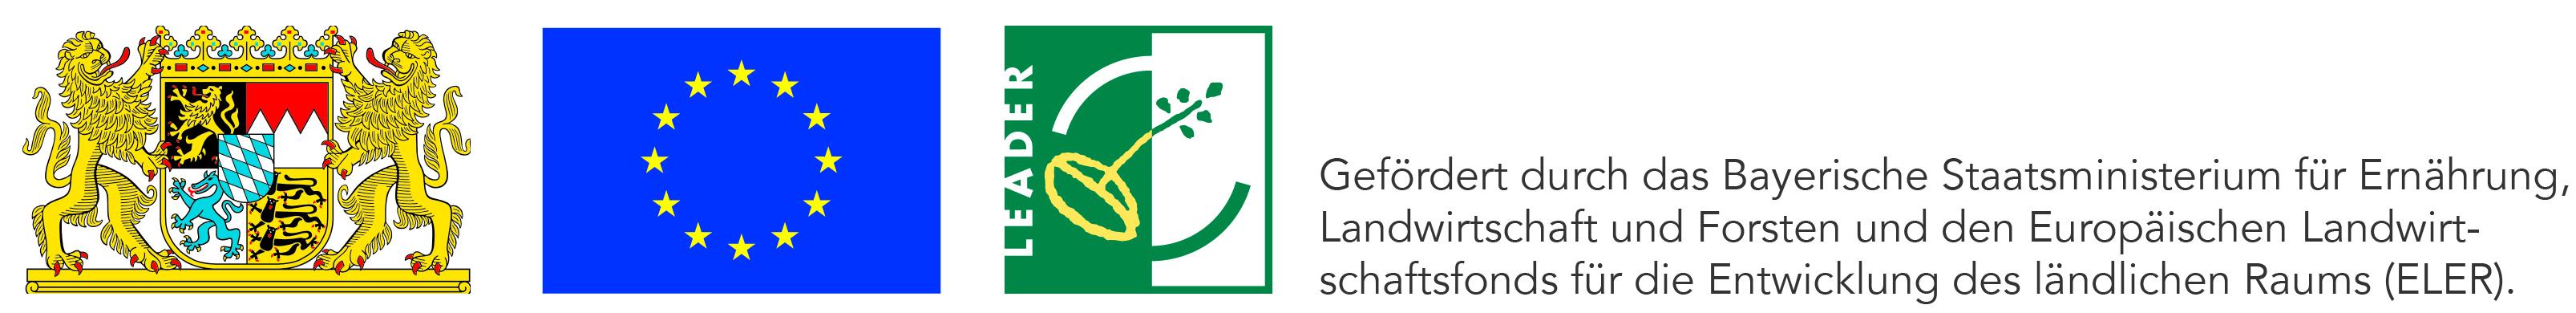 (Bayerisches Wappen, EU-Flagge, LEADER-Logo) Gefördert durch das Bayerische Staatsministerium für Ernährung, Landwirtschaft und Forsten und den Europäischen Landwirtschaftsfonds für die Entwicklung des ländlichen Raums (ELER).